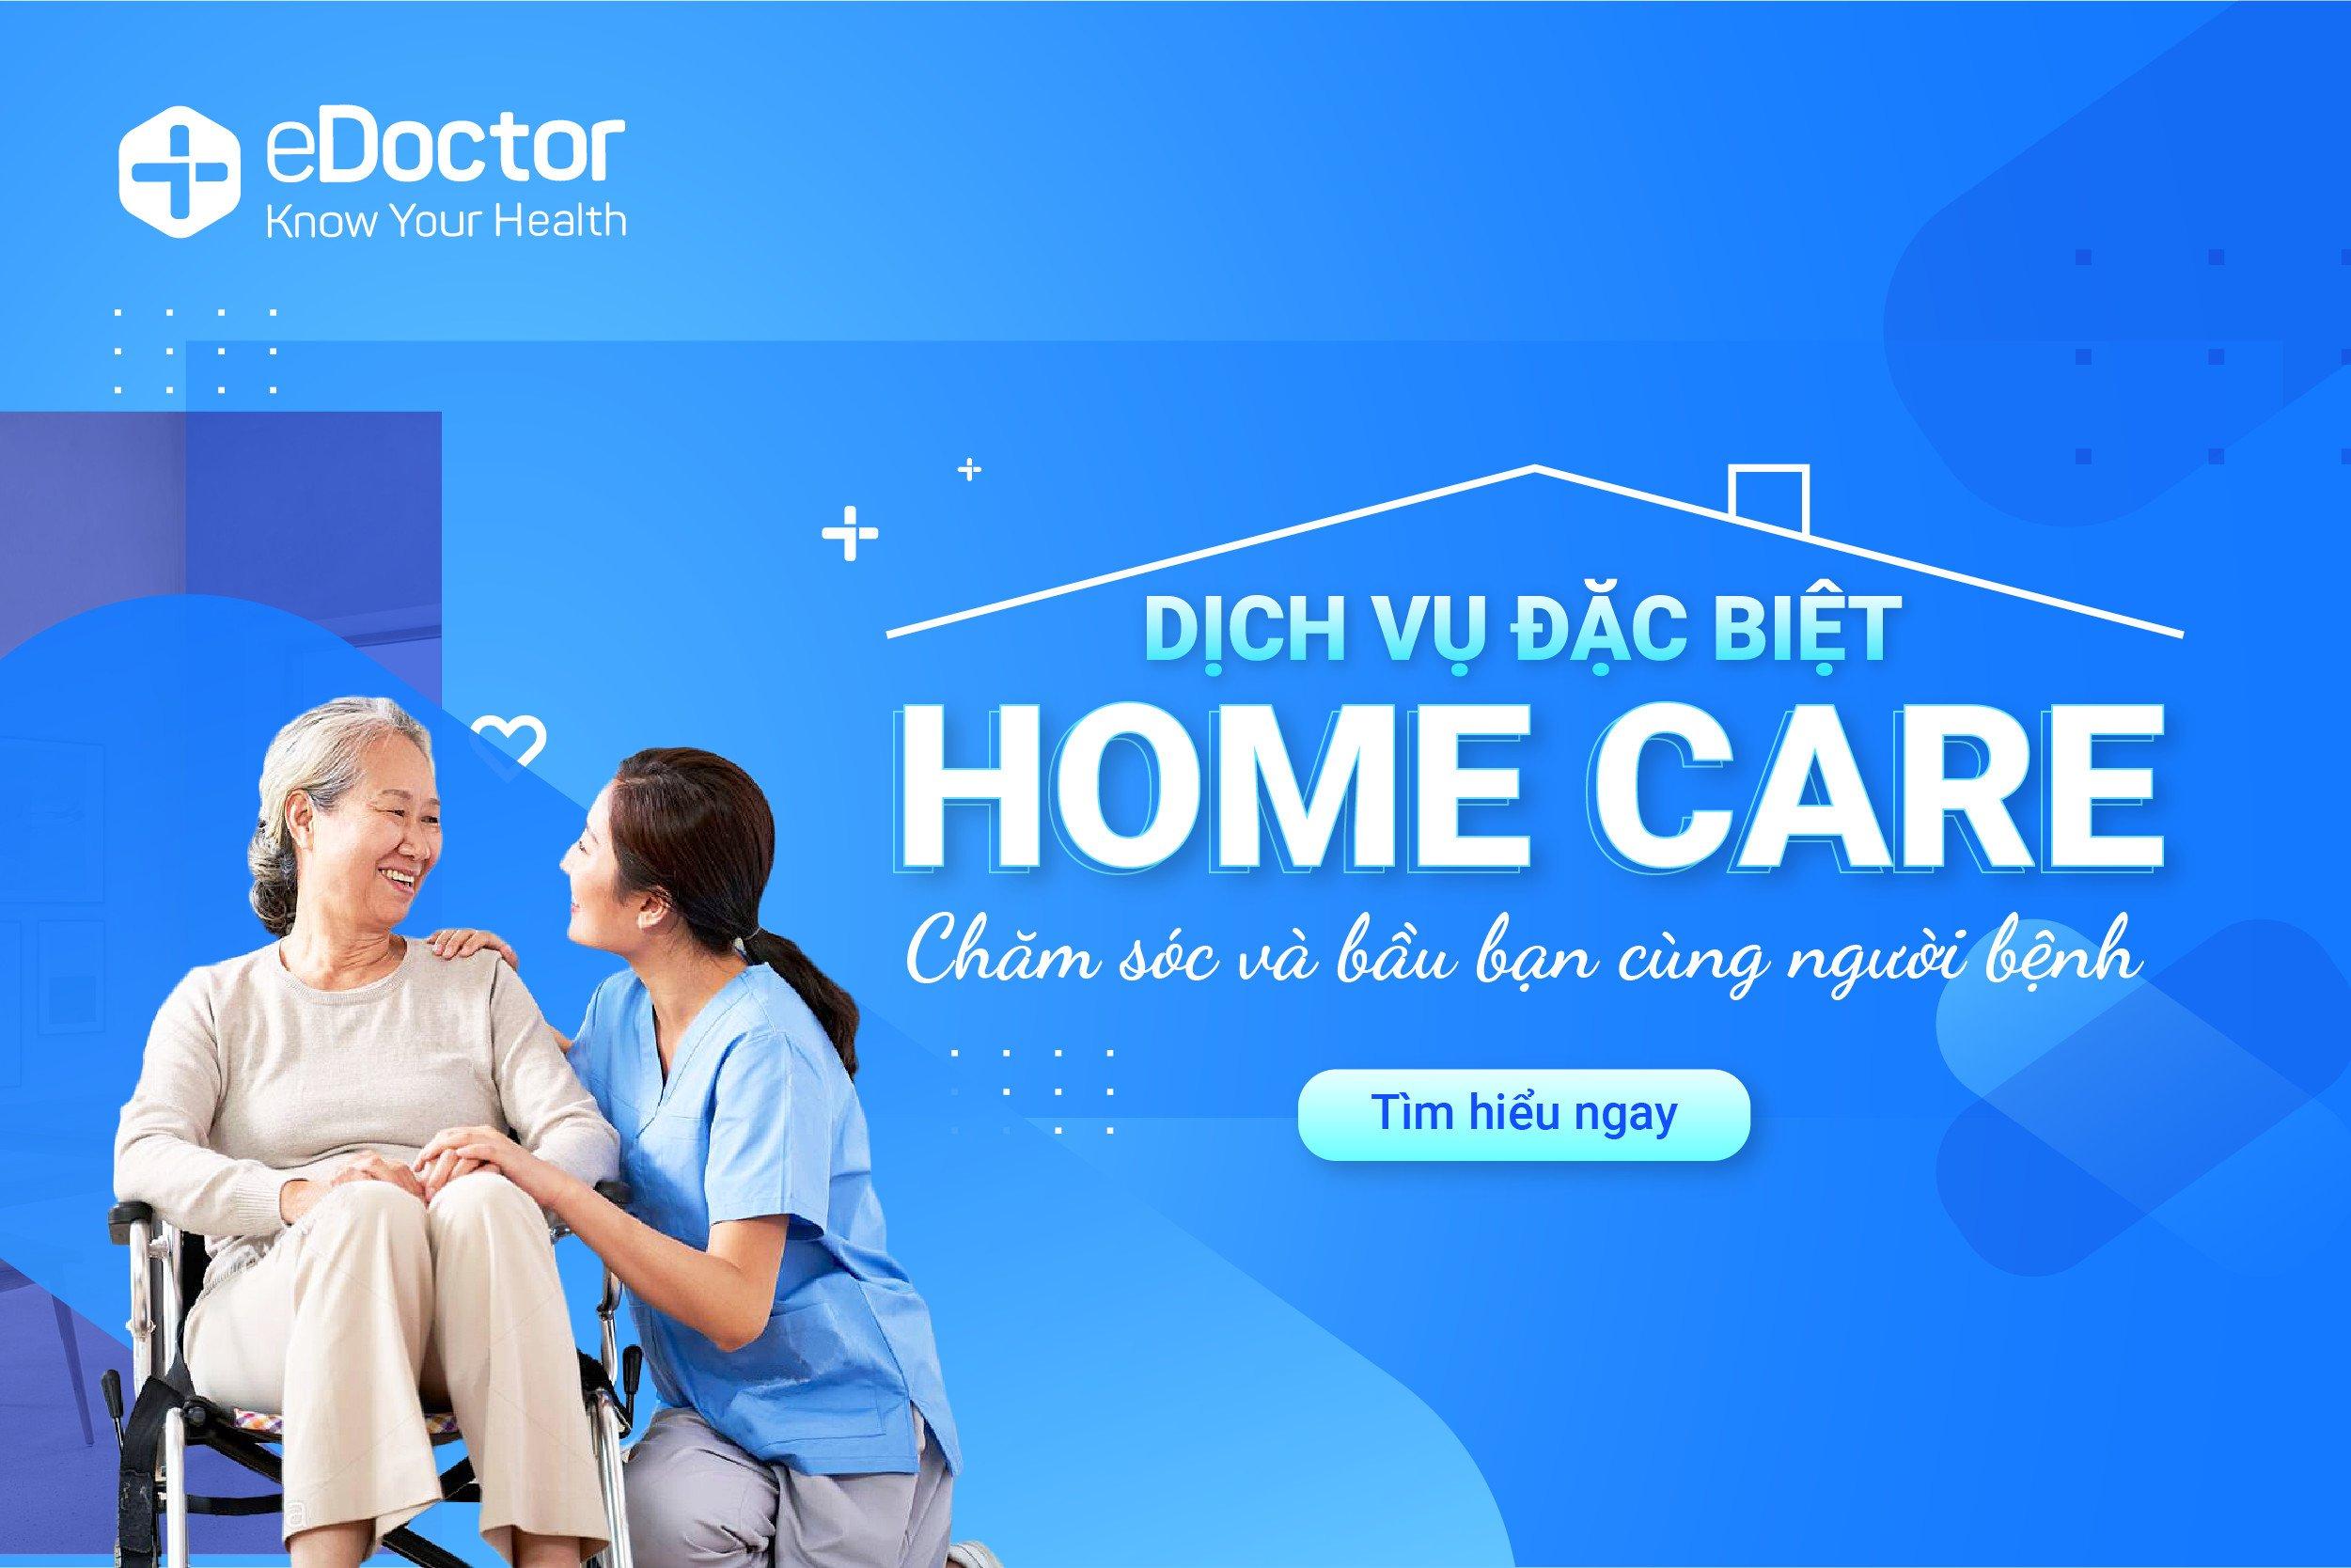 eDoctor - Dịch vụ điều dưỡng chăm sóc tại nhà chuyên nghiệp, tiện lợi